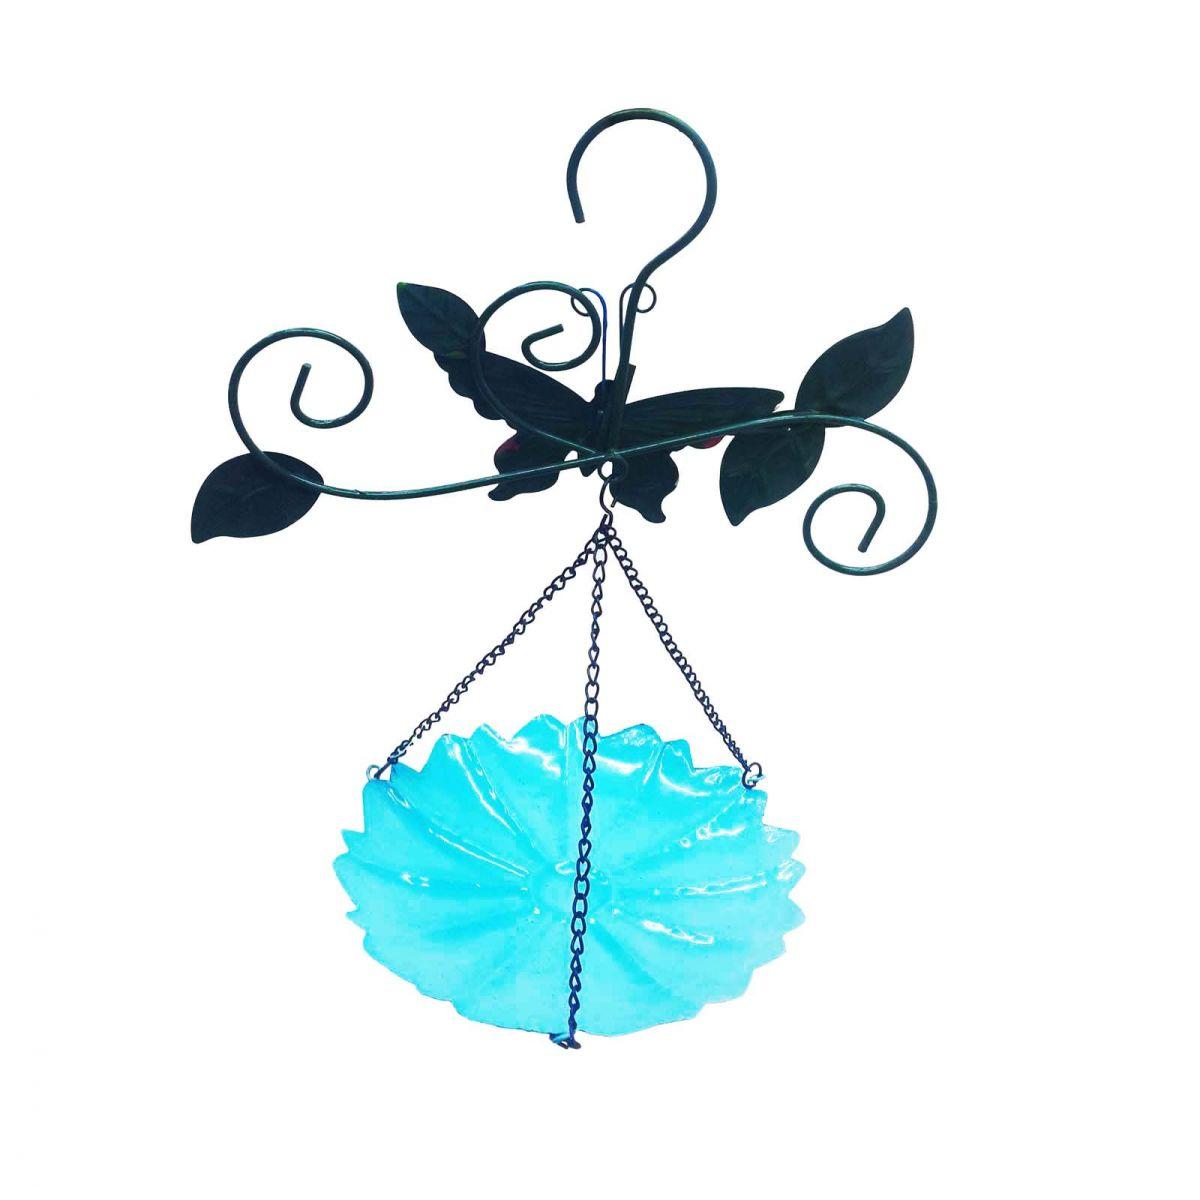 Enfeite Jardim Casa Quintal Flor Borboleta Para Pendurar Conjunto Com 3 Azul (JARD-45)